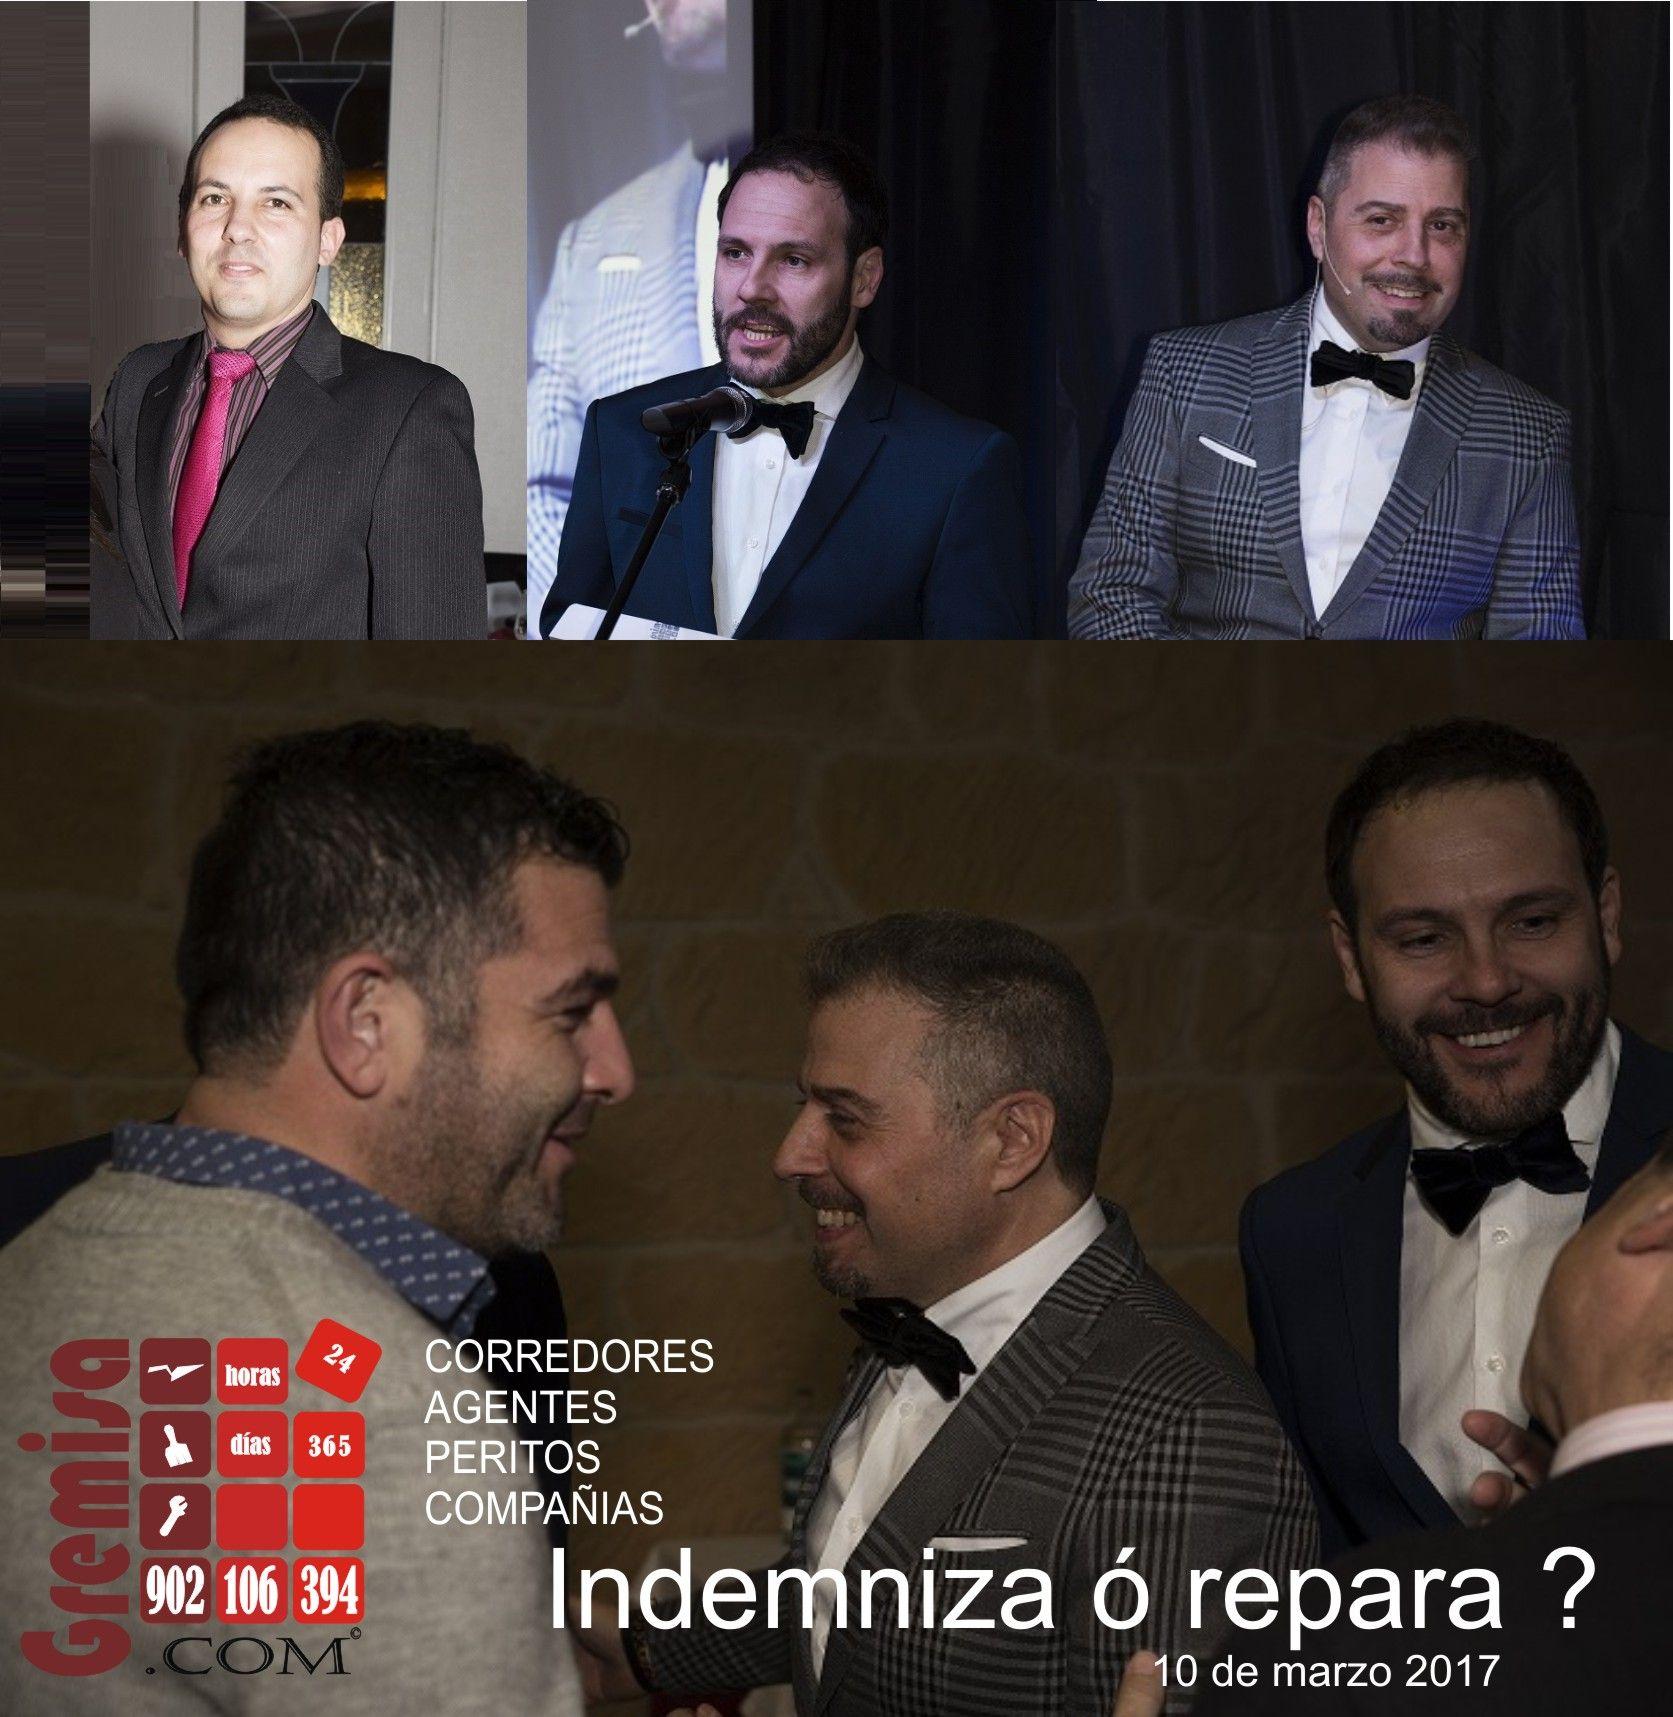 Fotografia Acto ¿Reparar ó indemnizar?